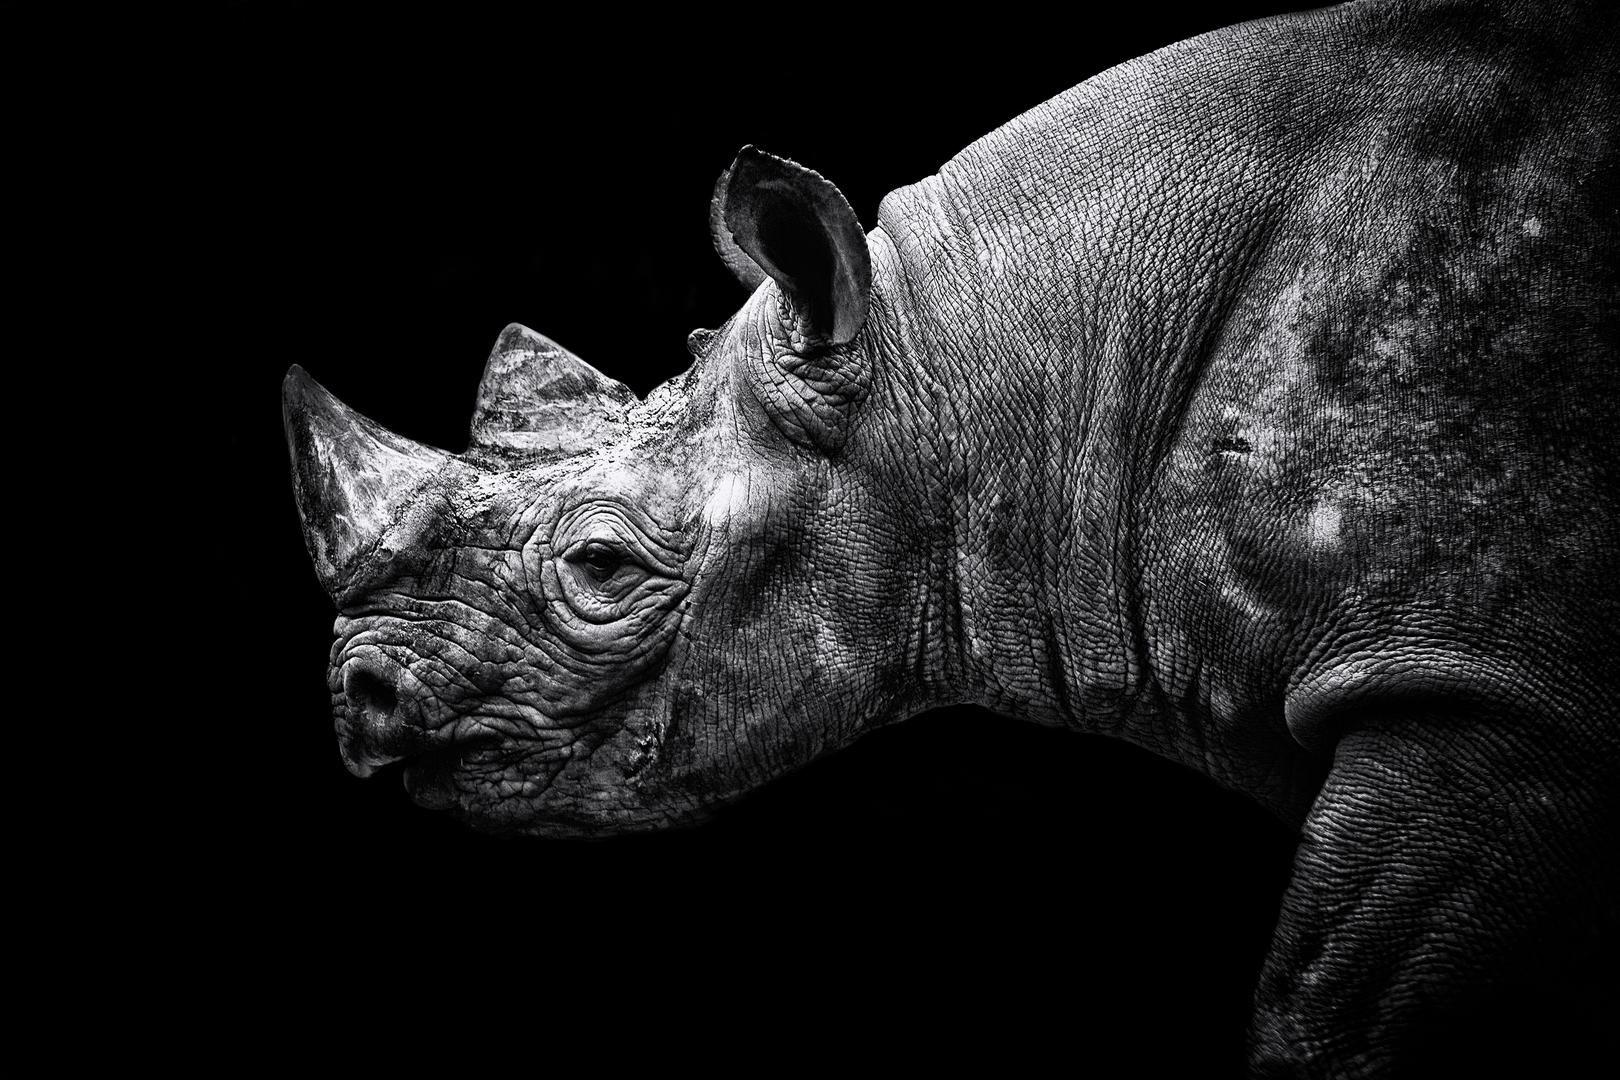 © Пол Нэш, Фотоконкурс «В чёрно-белом» от PDN